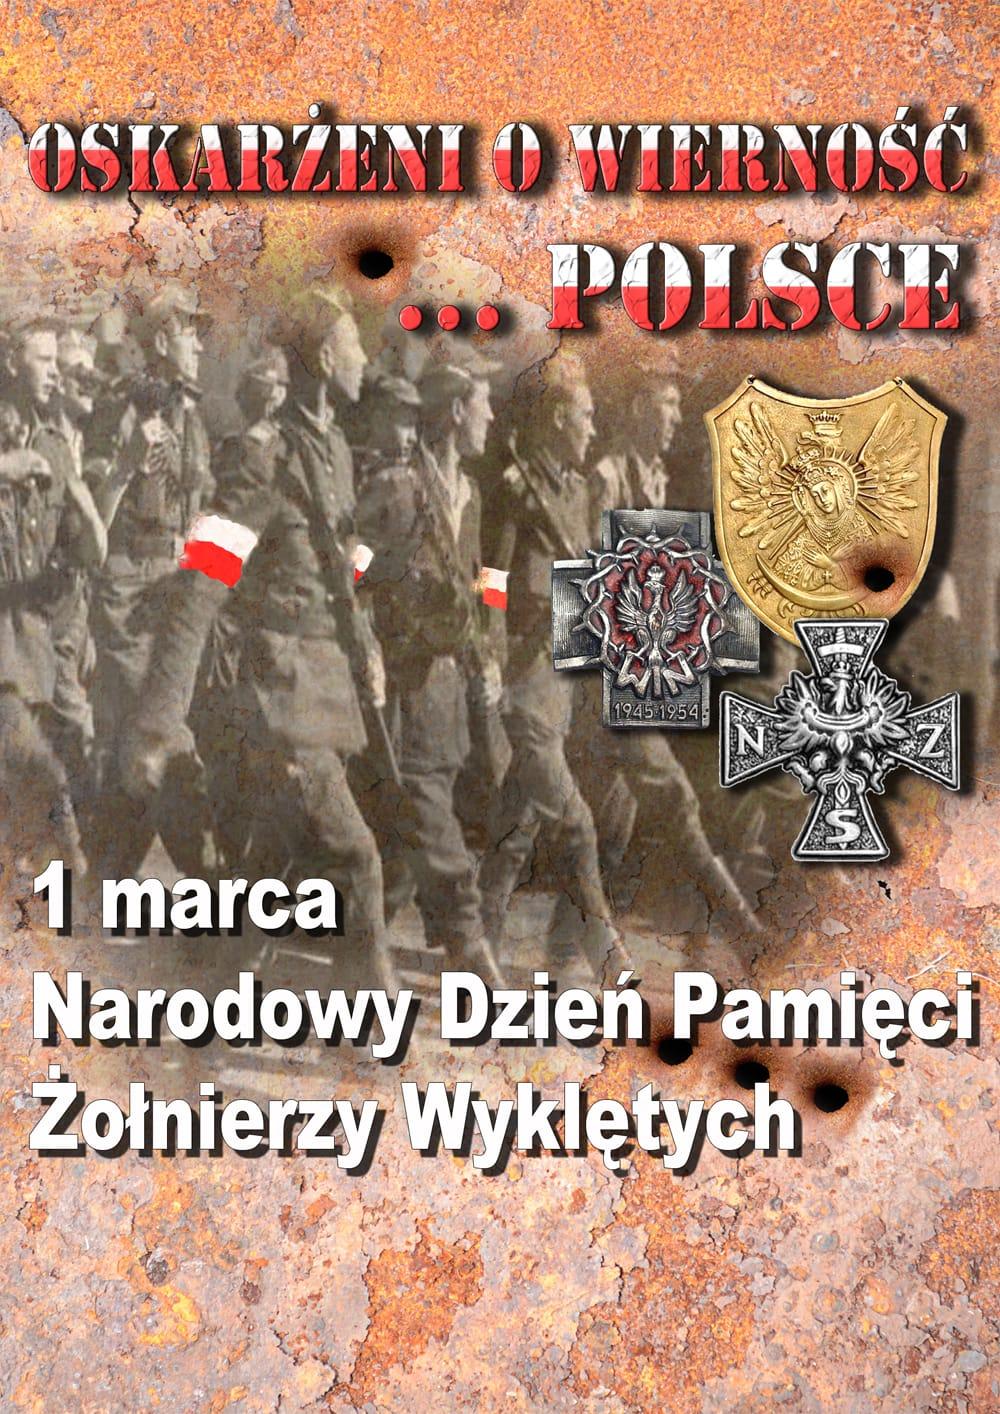 Oskarżeni o wierność Polsce 1 marca   Narodowy Dzień Pamięci Żołnierzy Wyklętych< />Cześć i chwała Bohaterom!